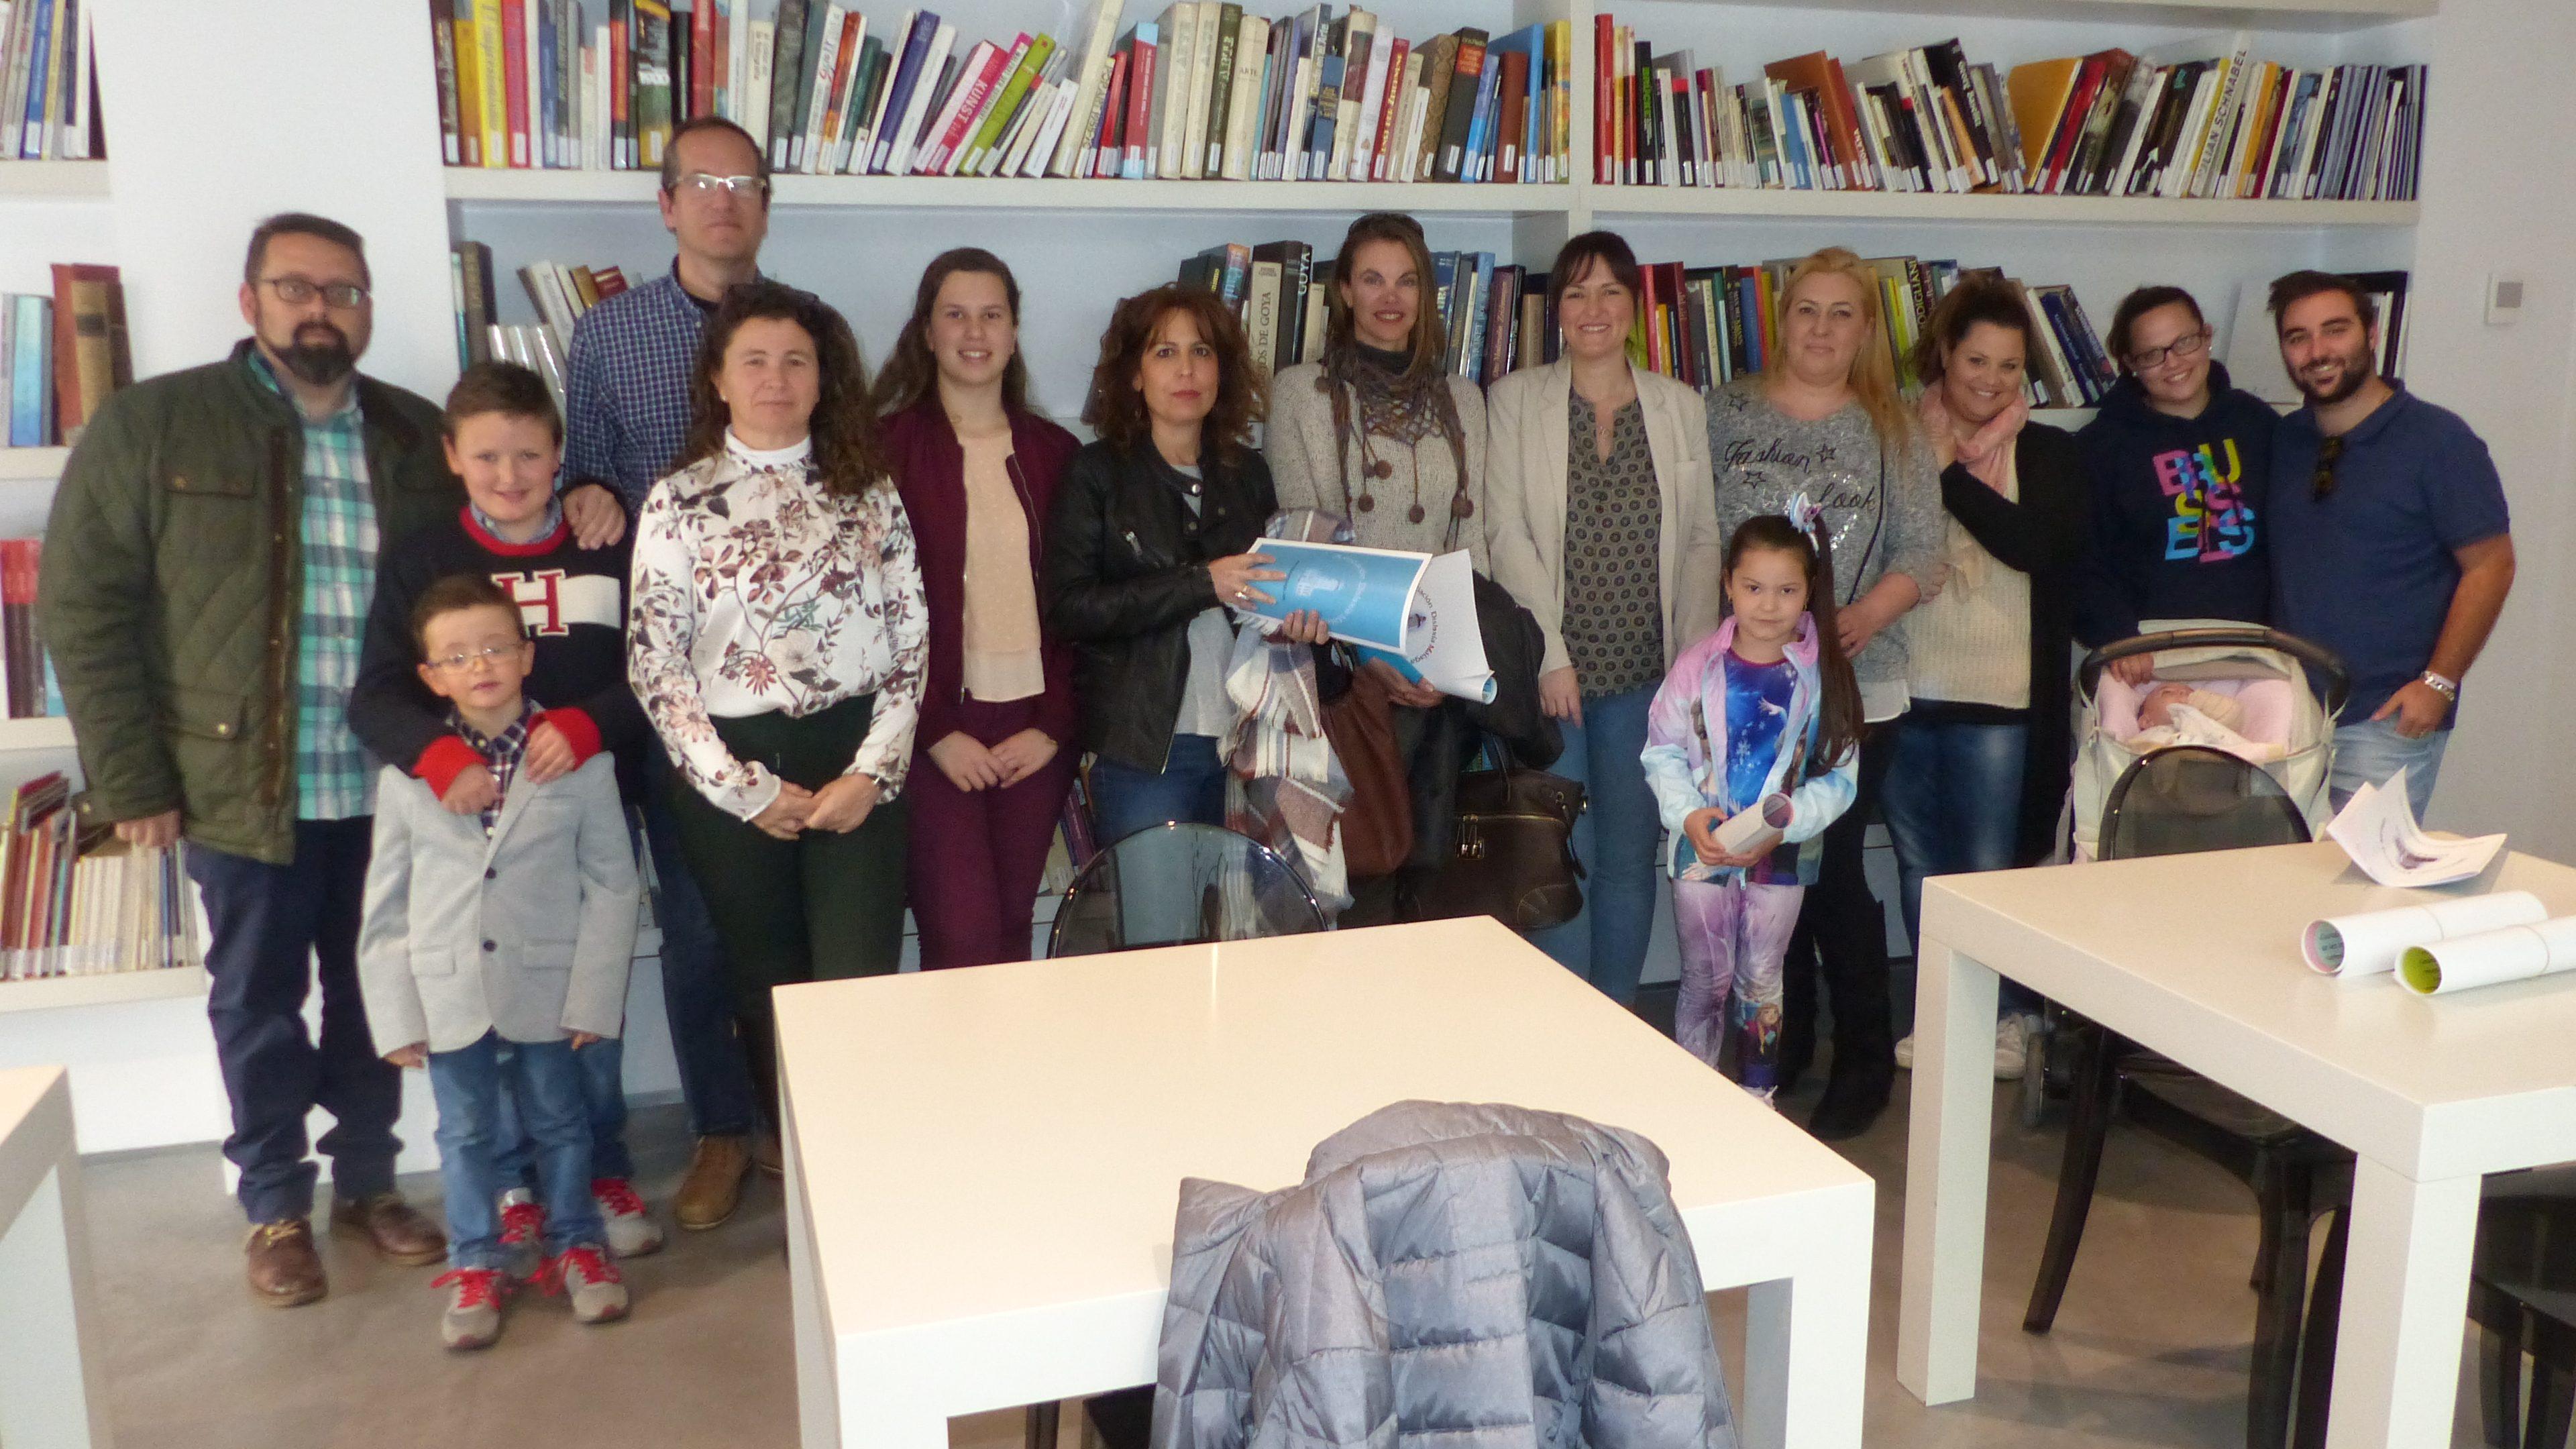 II Encuentro 25/03/17 en el Museo Jorge Rando (Málaga)